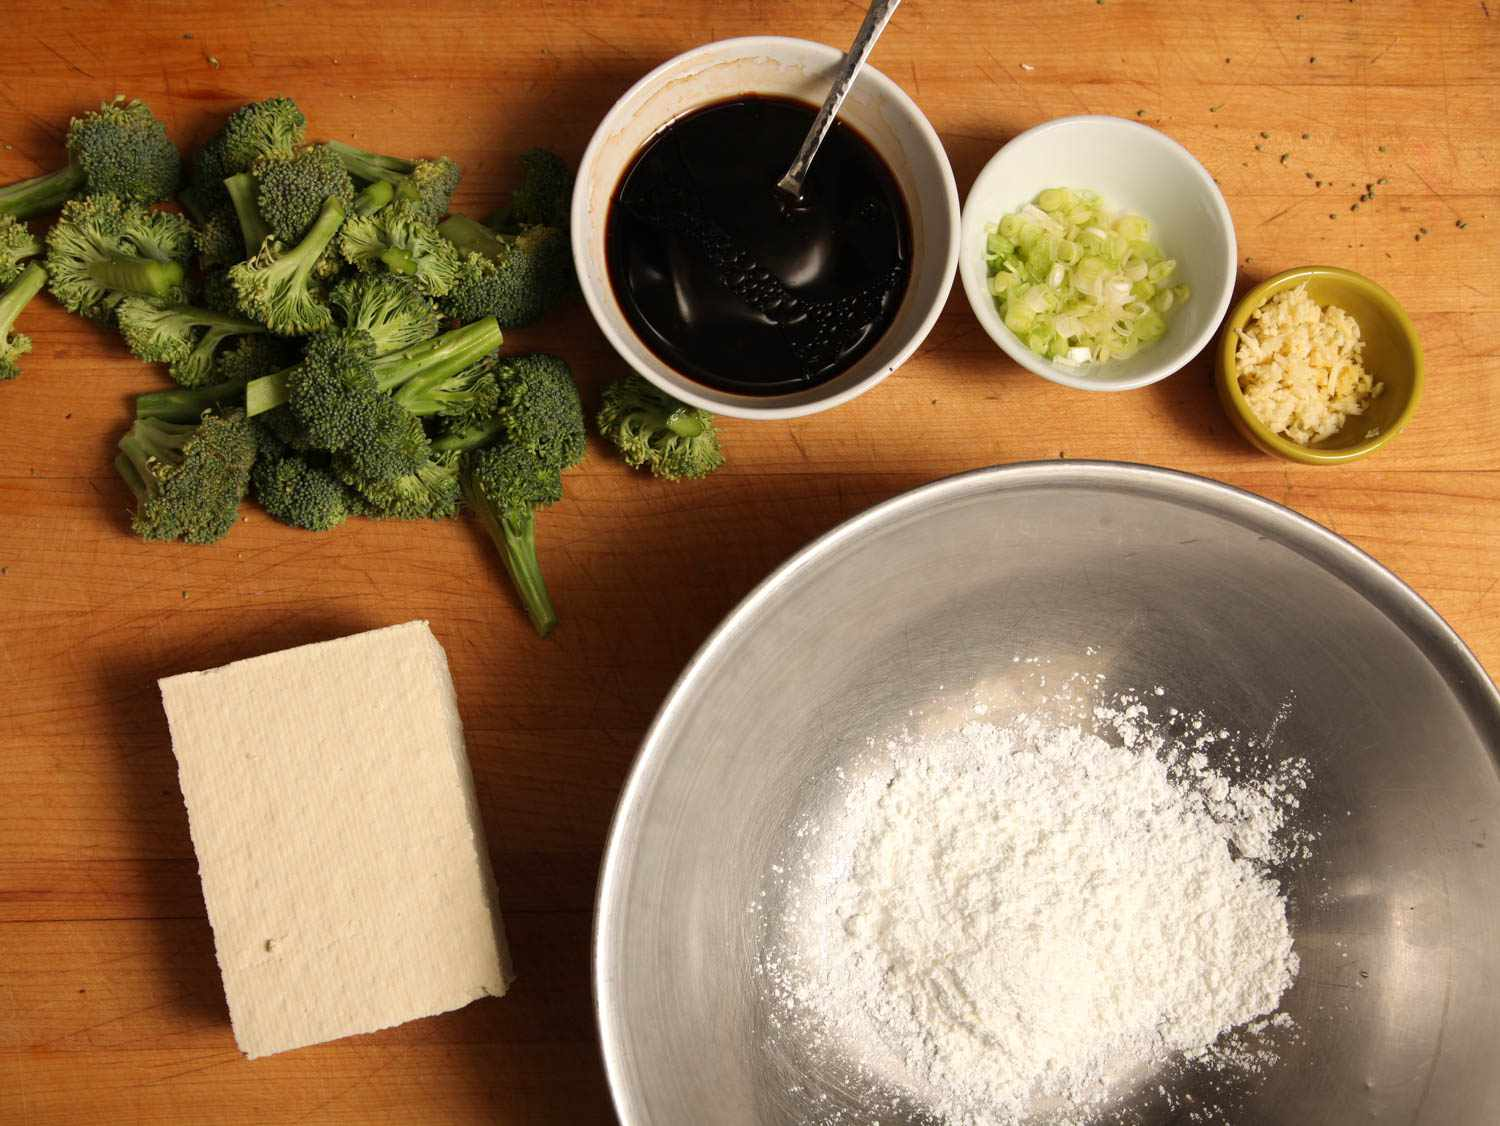 Ingredients for stir-fried crispy tofu with broccoli.